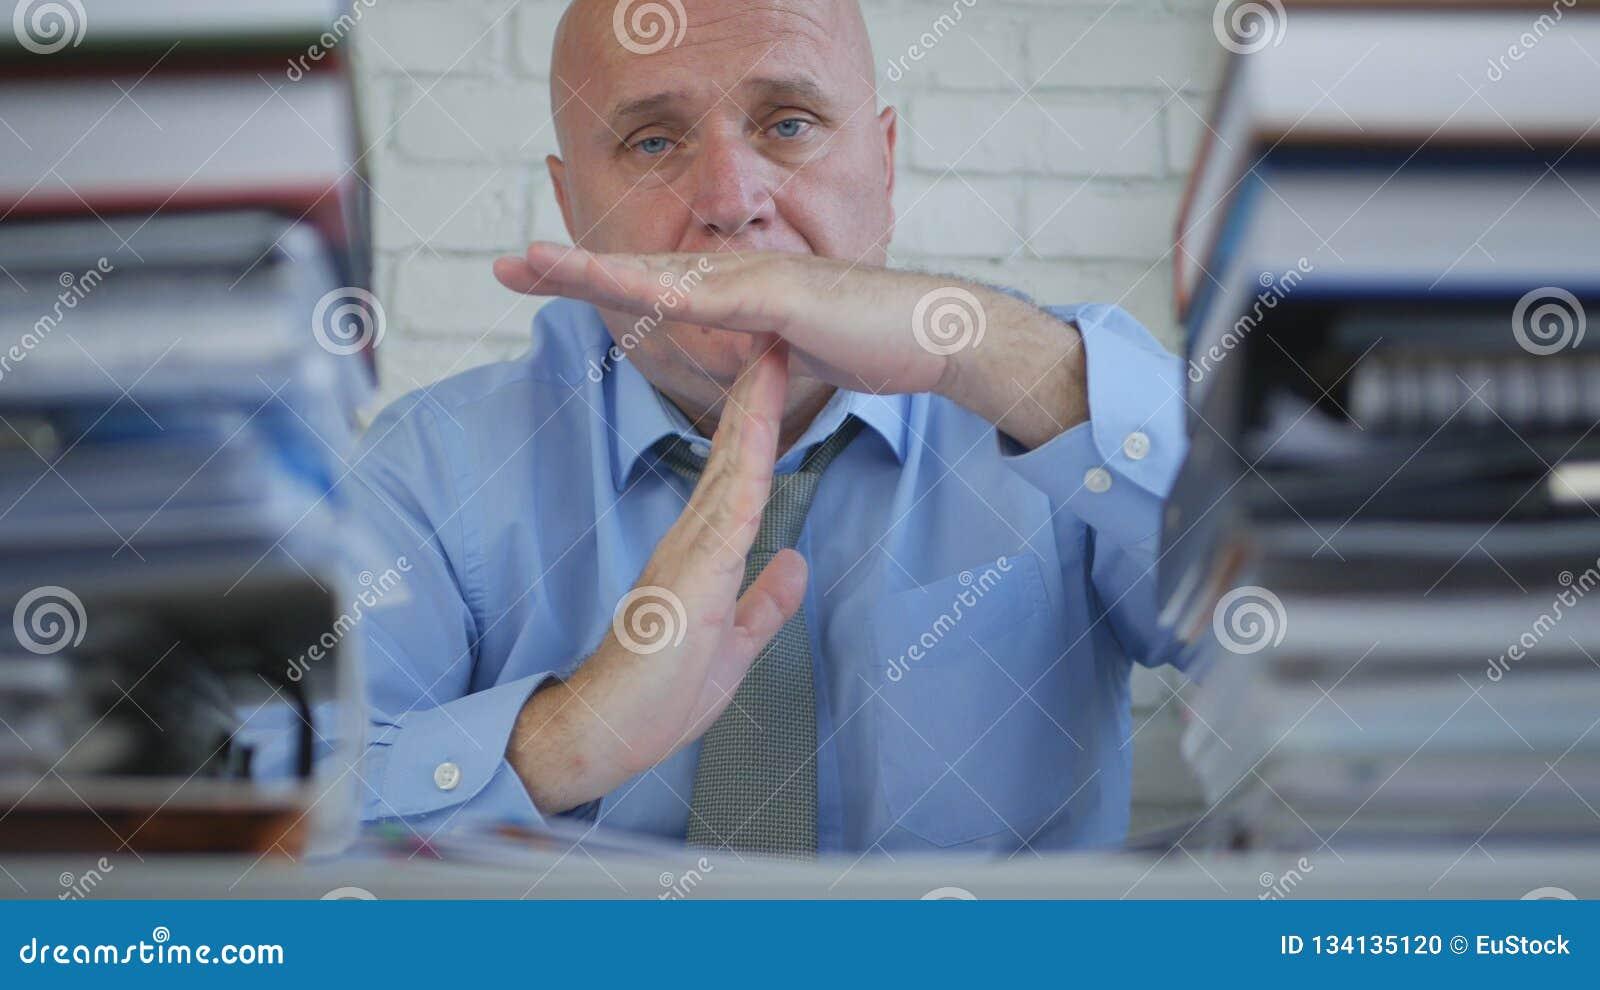 Geschäftsmann In Archive Room, das Pause oder Time Out-Handzeichen macht